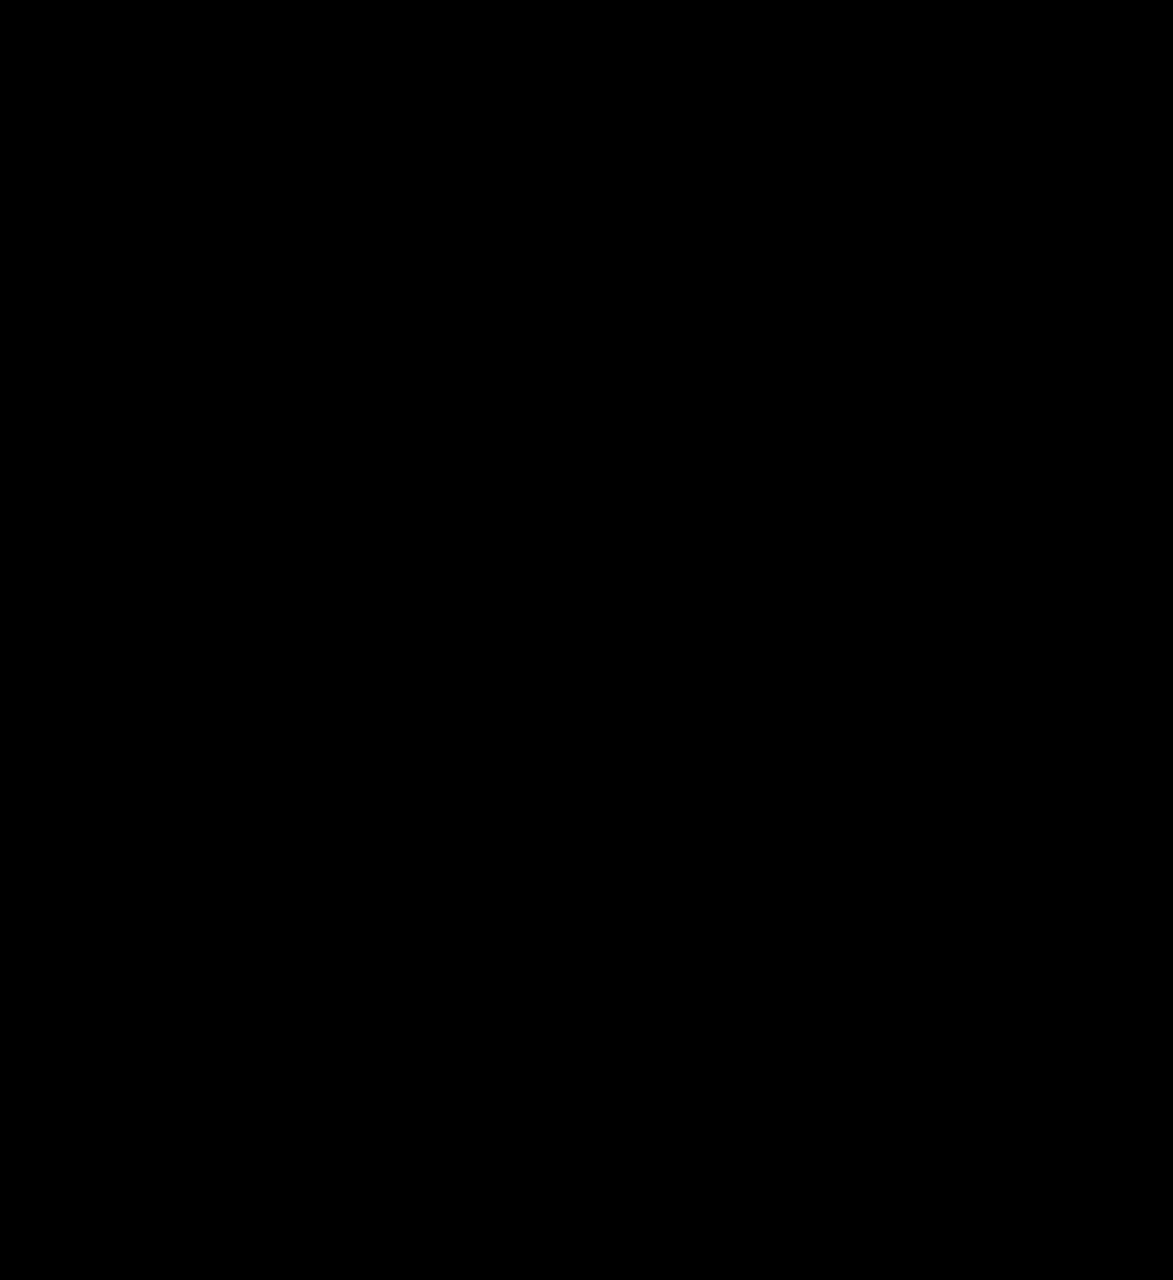 早期緩和ケアクリニック外来の緩和医療専門医(緩和ケア医)大津秀一が解説する肺がんの緩和ケア・末期肺癌の緩和ケア